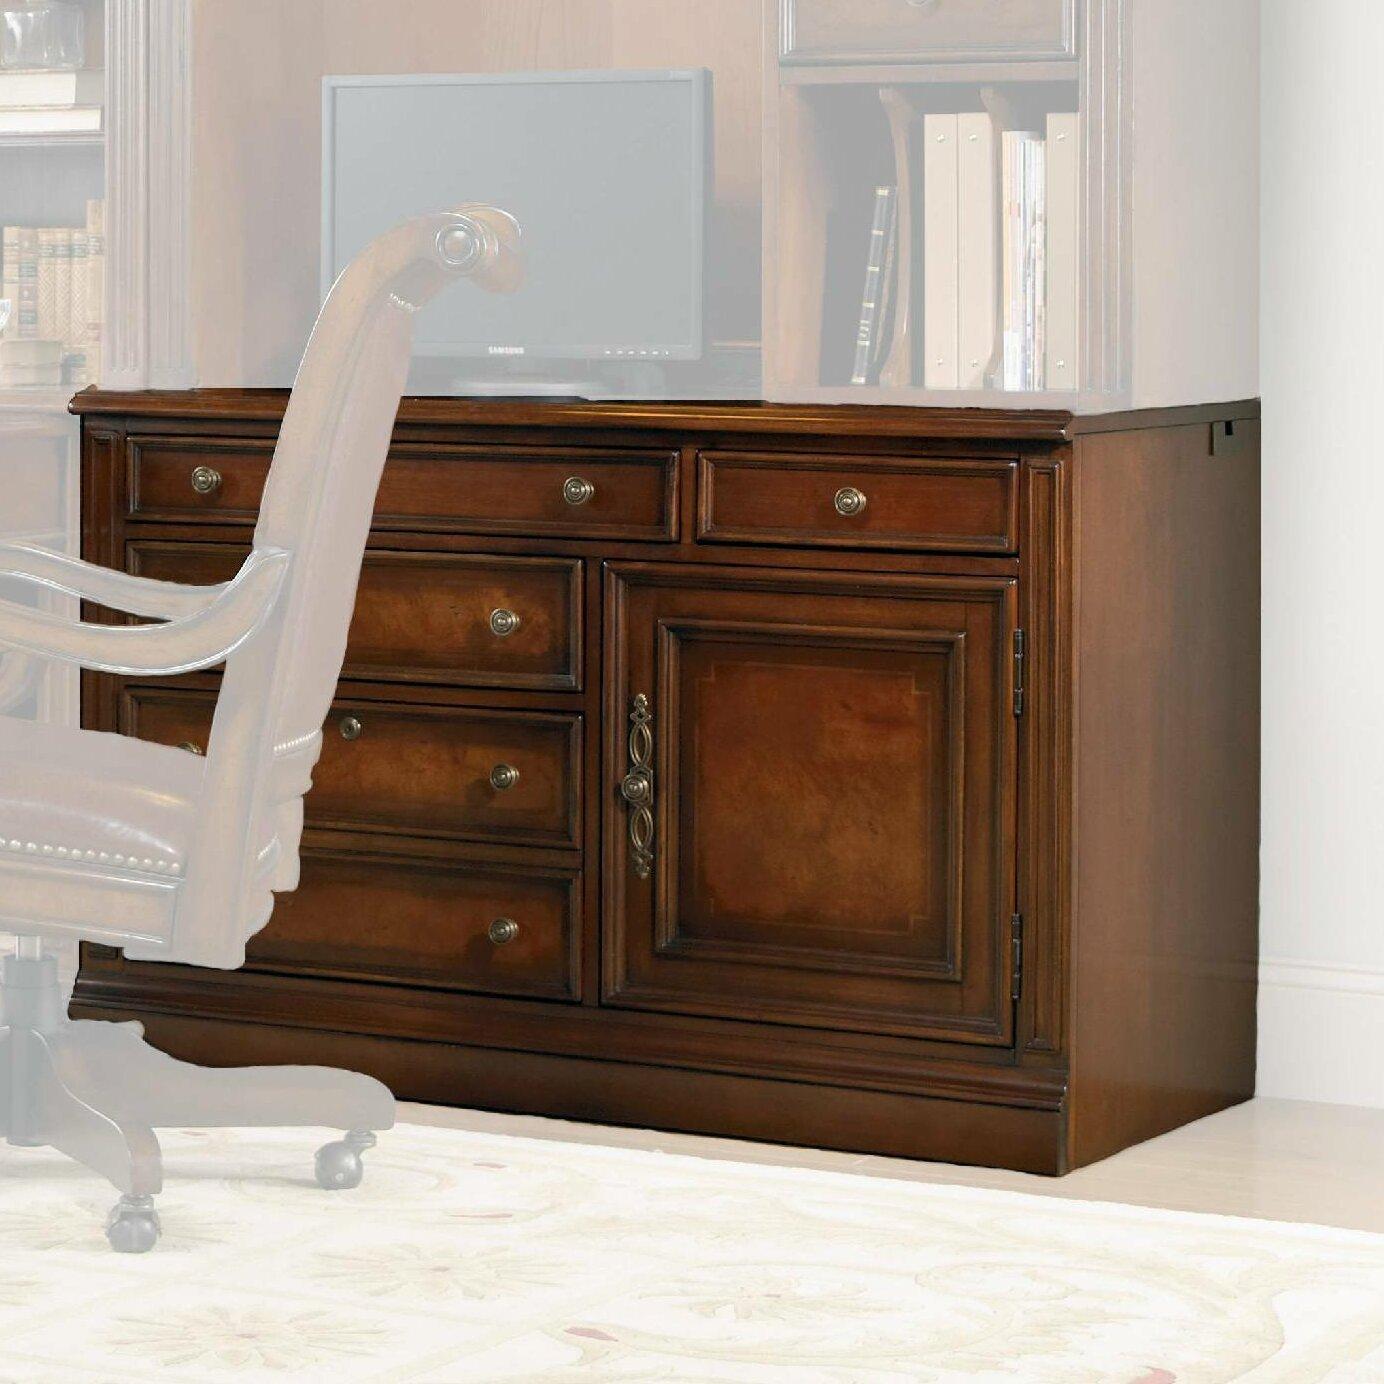 Hooker Furniture European Renaissance Ii Standard Desk Office Suite Reviews Wayfair Supply